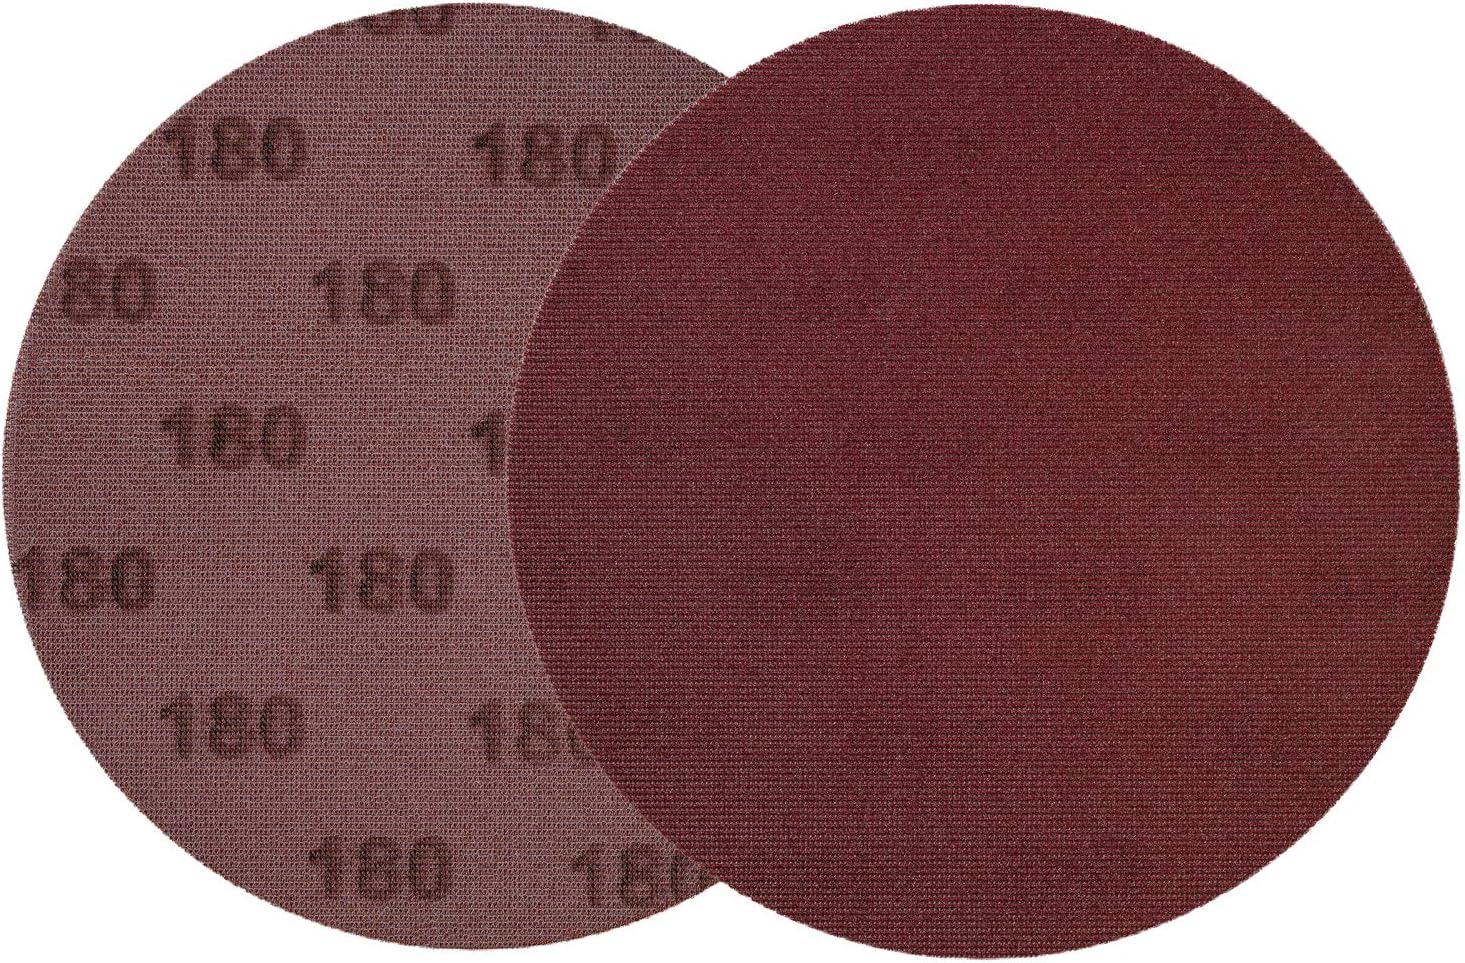 Klettschleifgitter 25 x Premium Schleifgitter /Ø 150 mm Klett Schleif-Netzgitter K/örnung 100 Schleifscheiben Aluminiumoxid volle Staubabsaugung Gitterschleifscheiben Feinschleifgitter